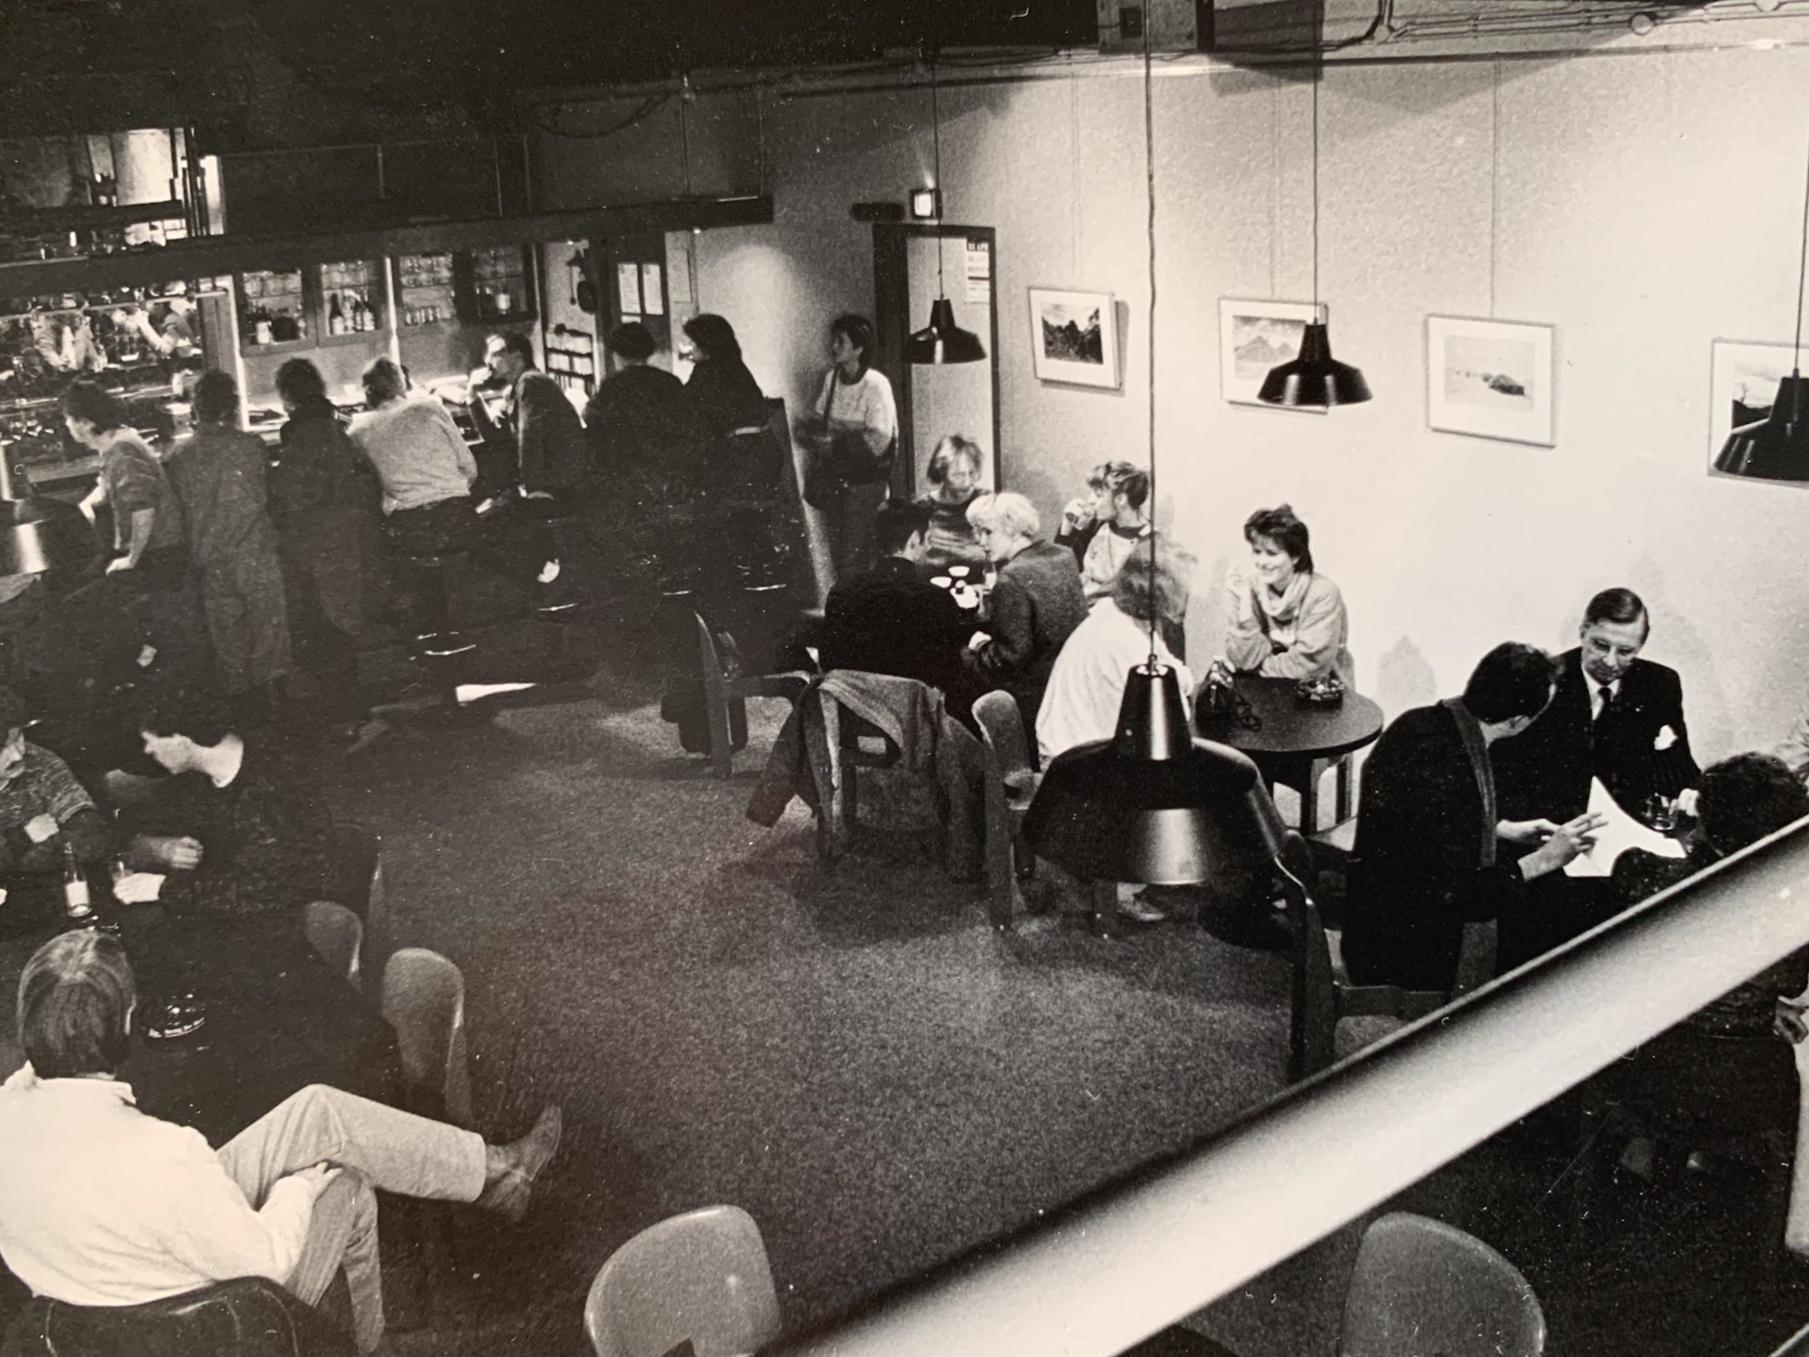 Boek met foto's en anekdotes over IJmuidens Witte Theater